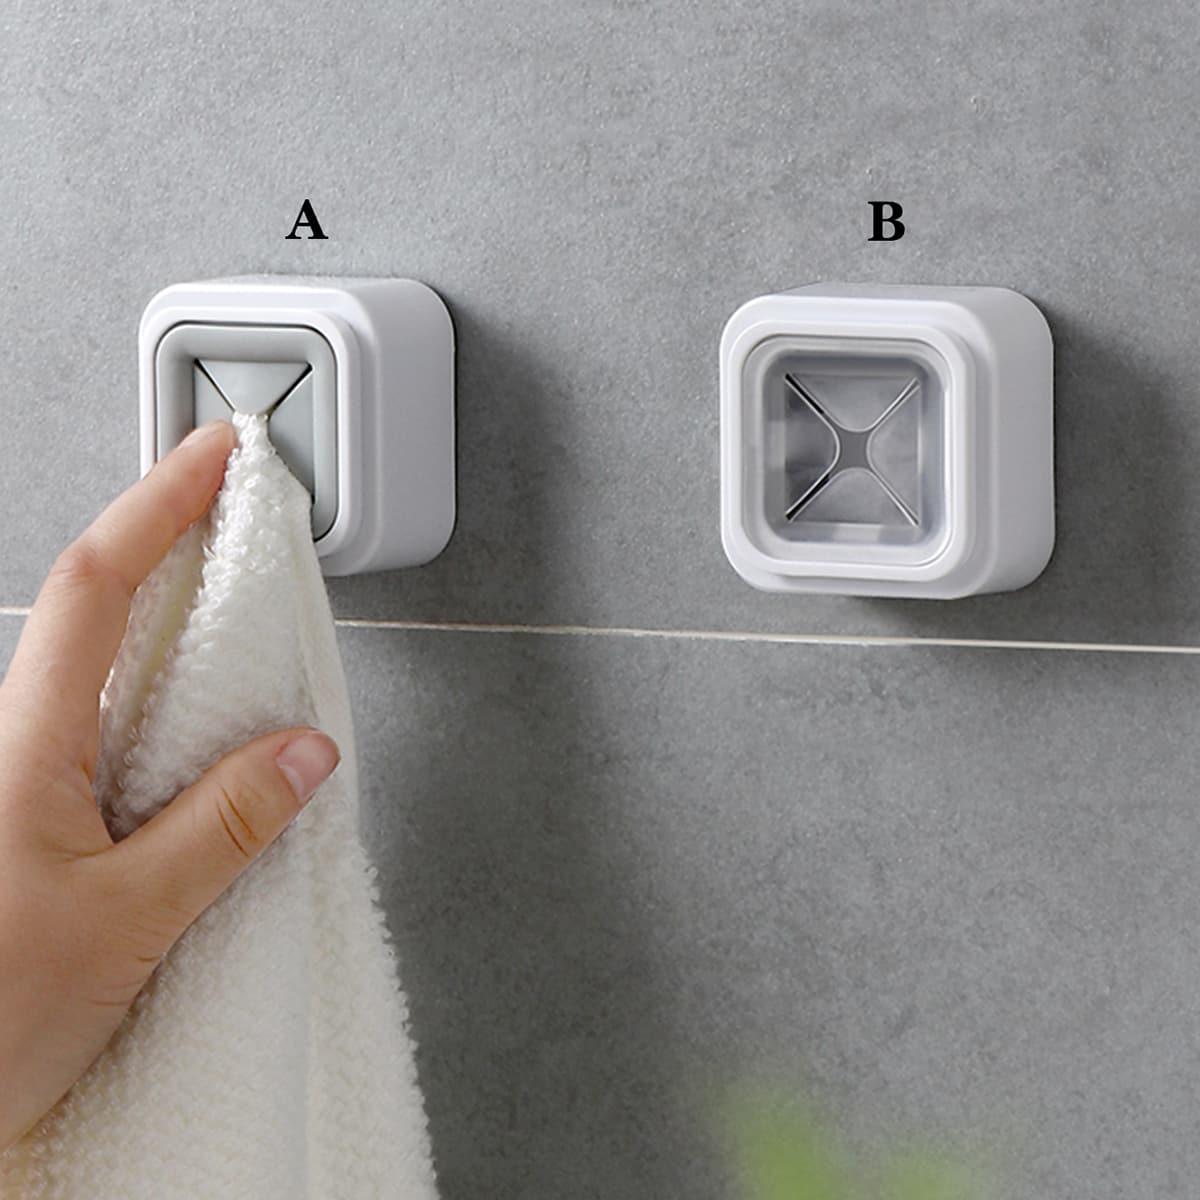 1pc handdoekclip voor wandmontage